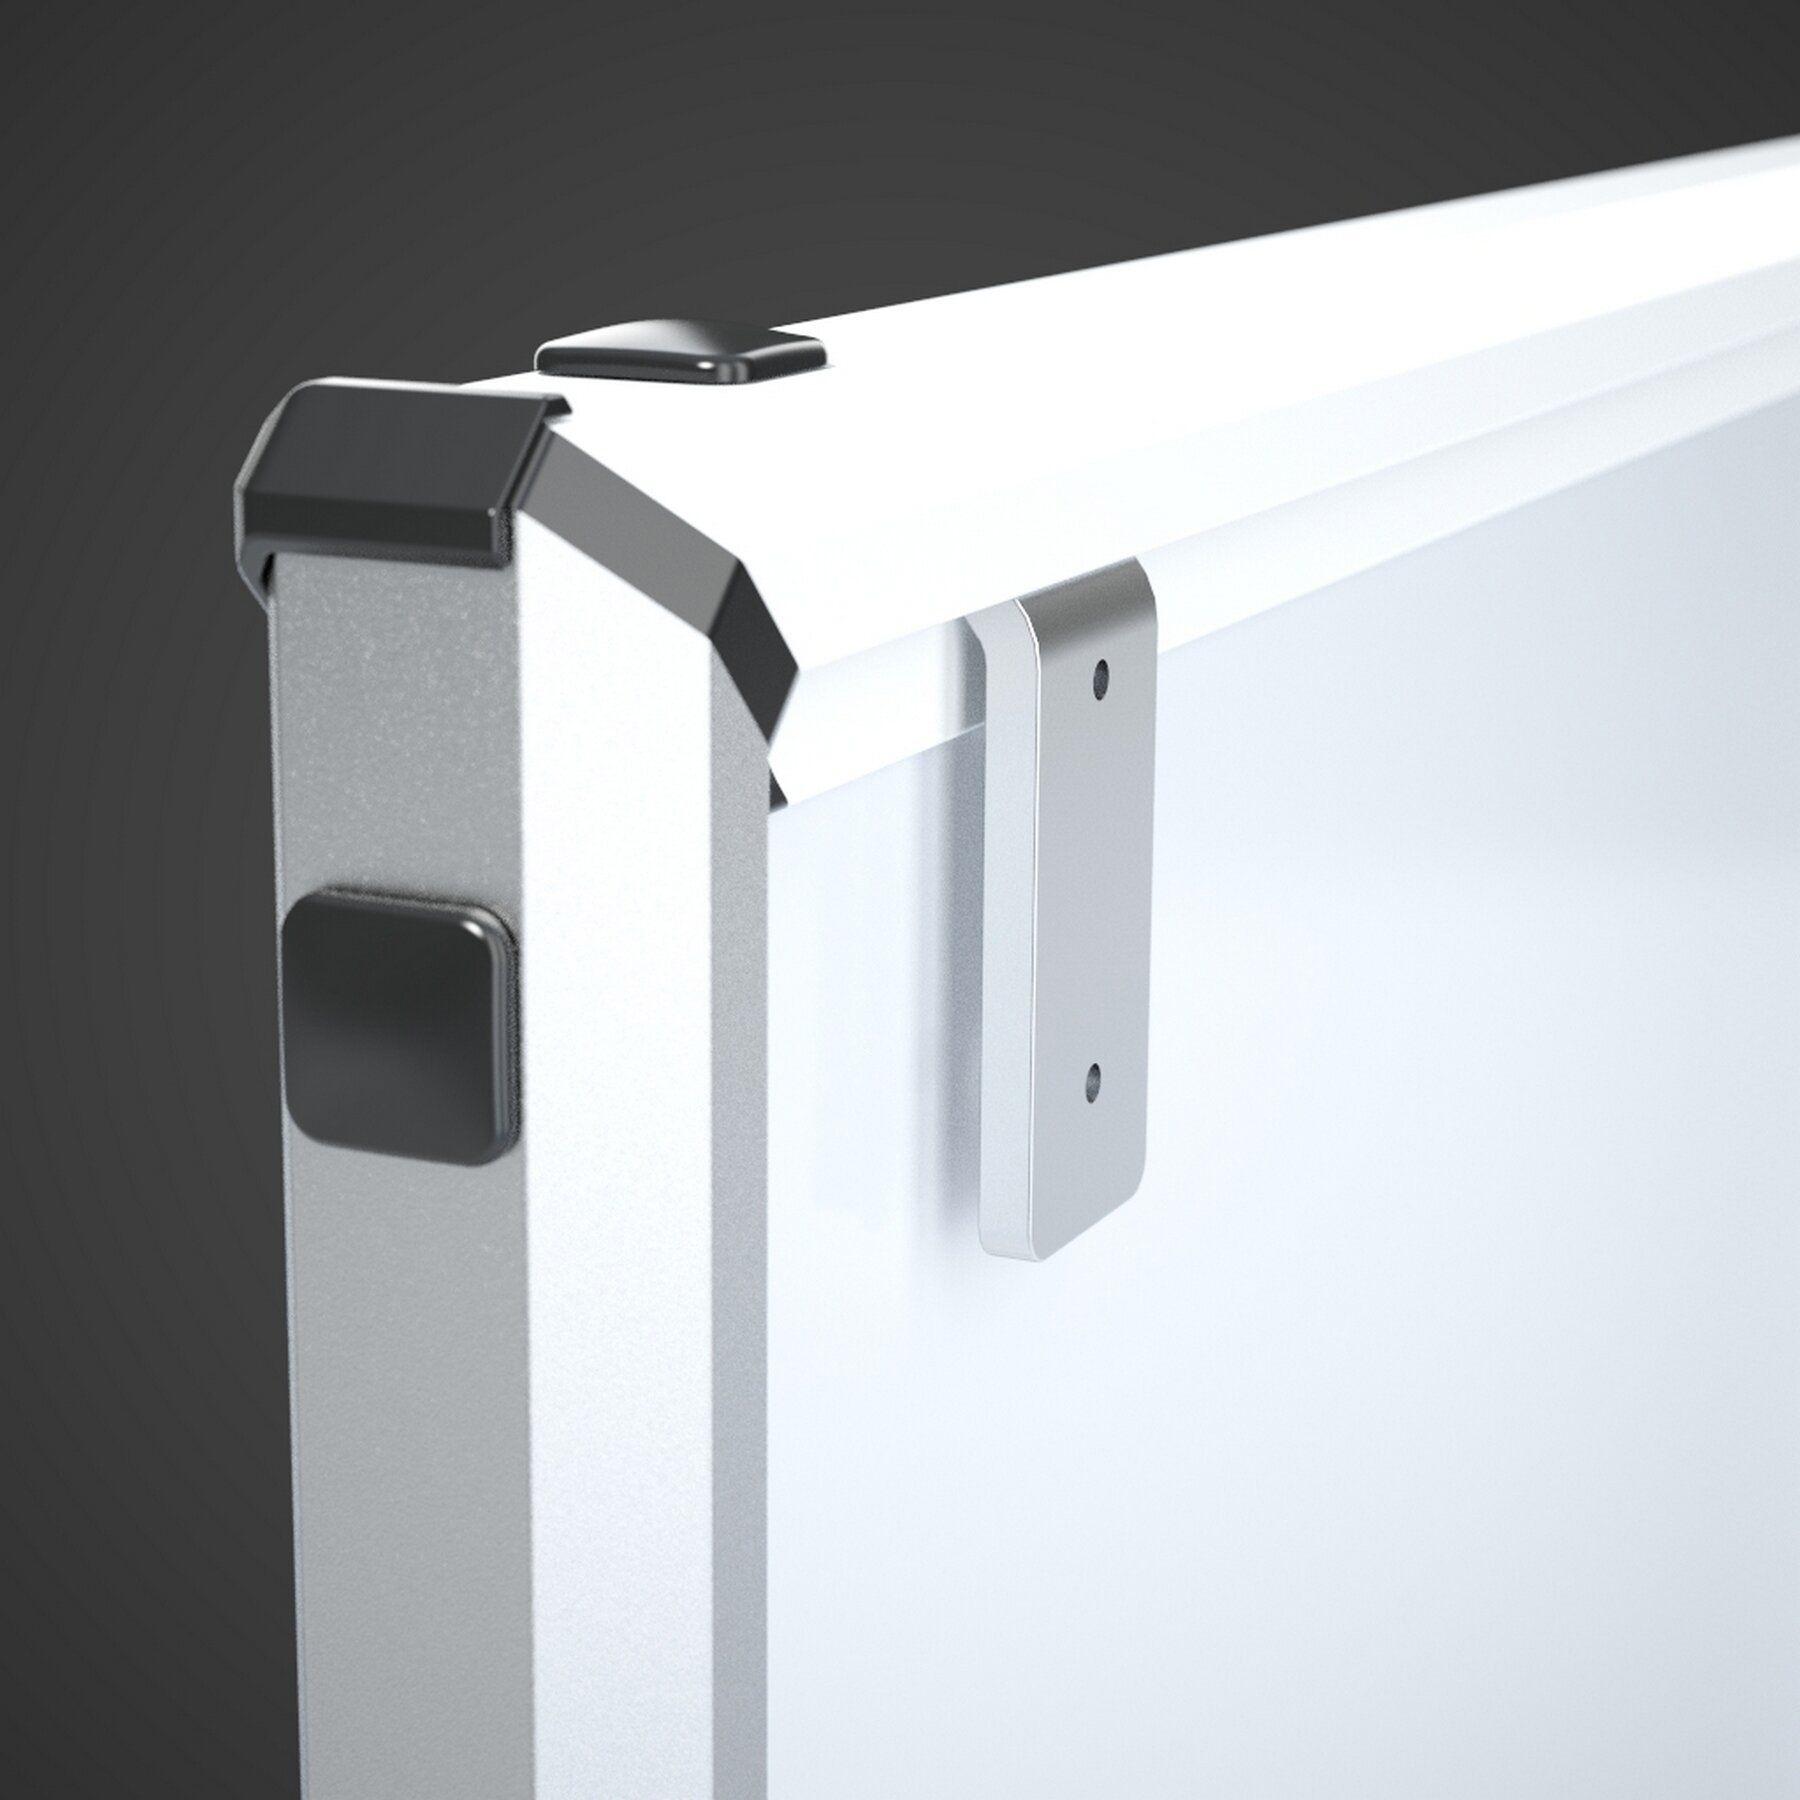 Доска белая магнитная сухостираемая StarBoard 90*120см., алюминиевая рамка, лак 2x3 - фото 6